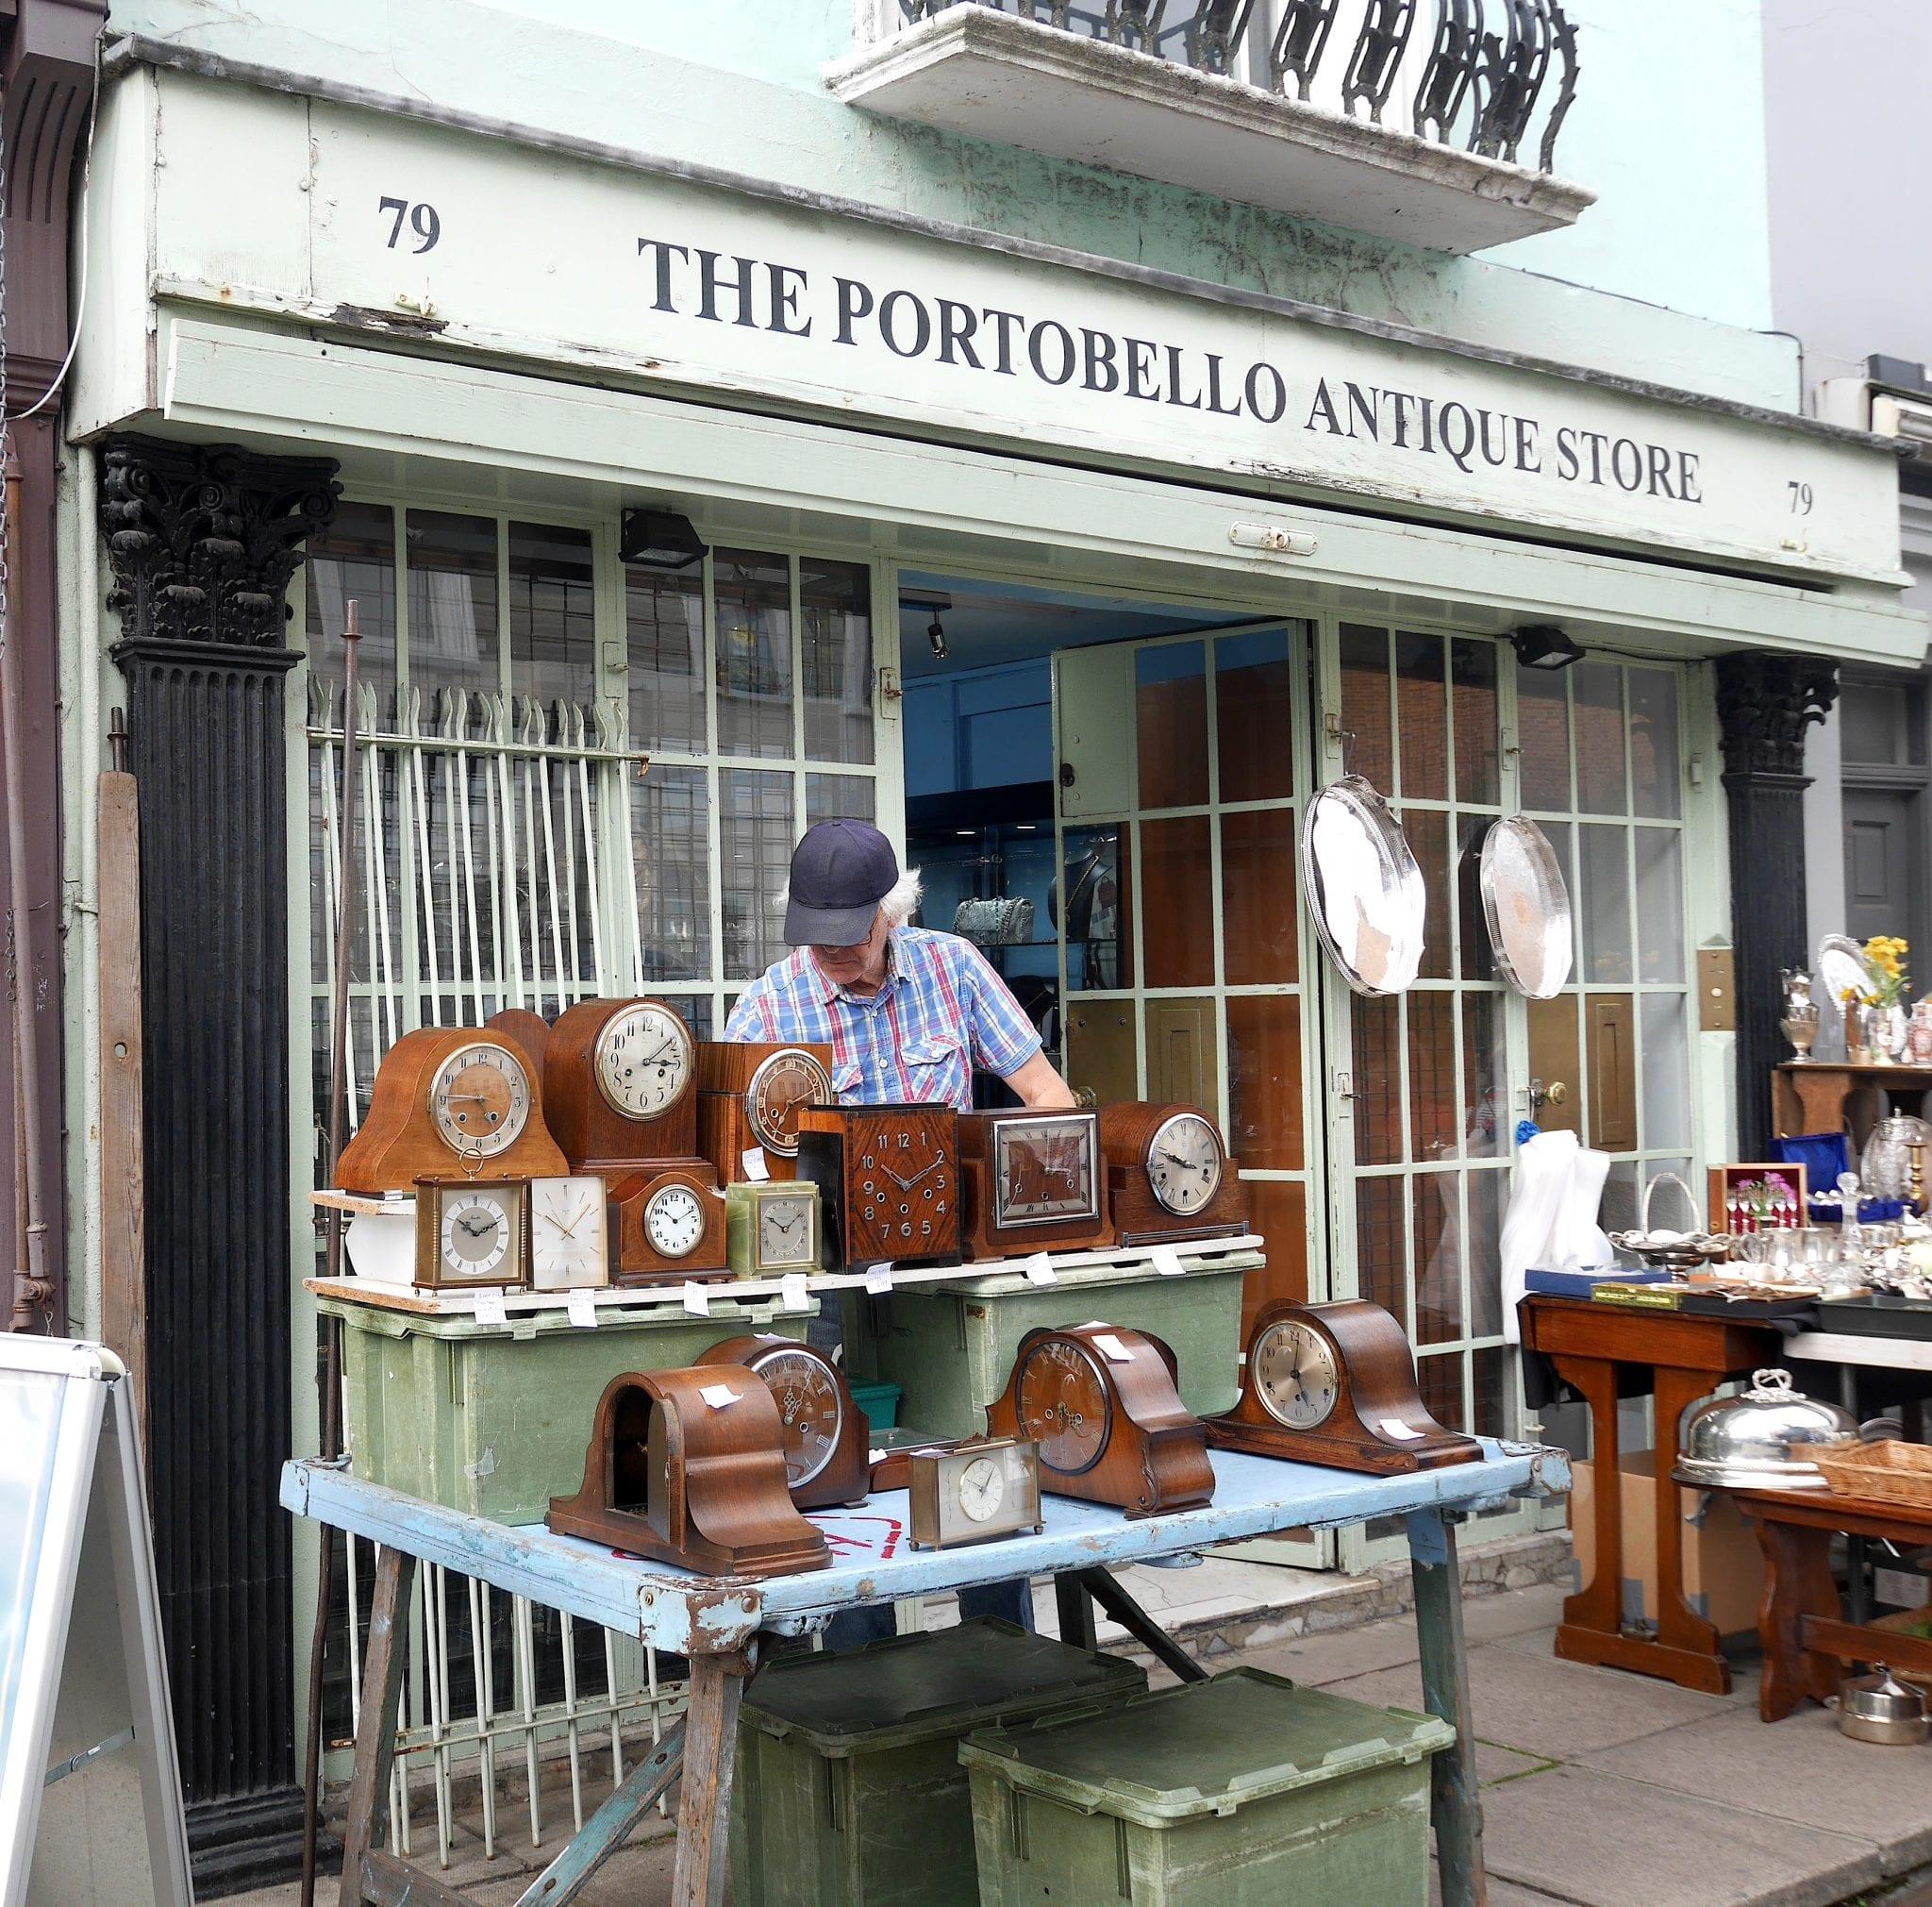 Portobello store- Notting hill - Prima volta a Londra - Le Plume